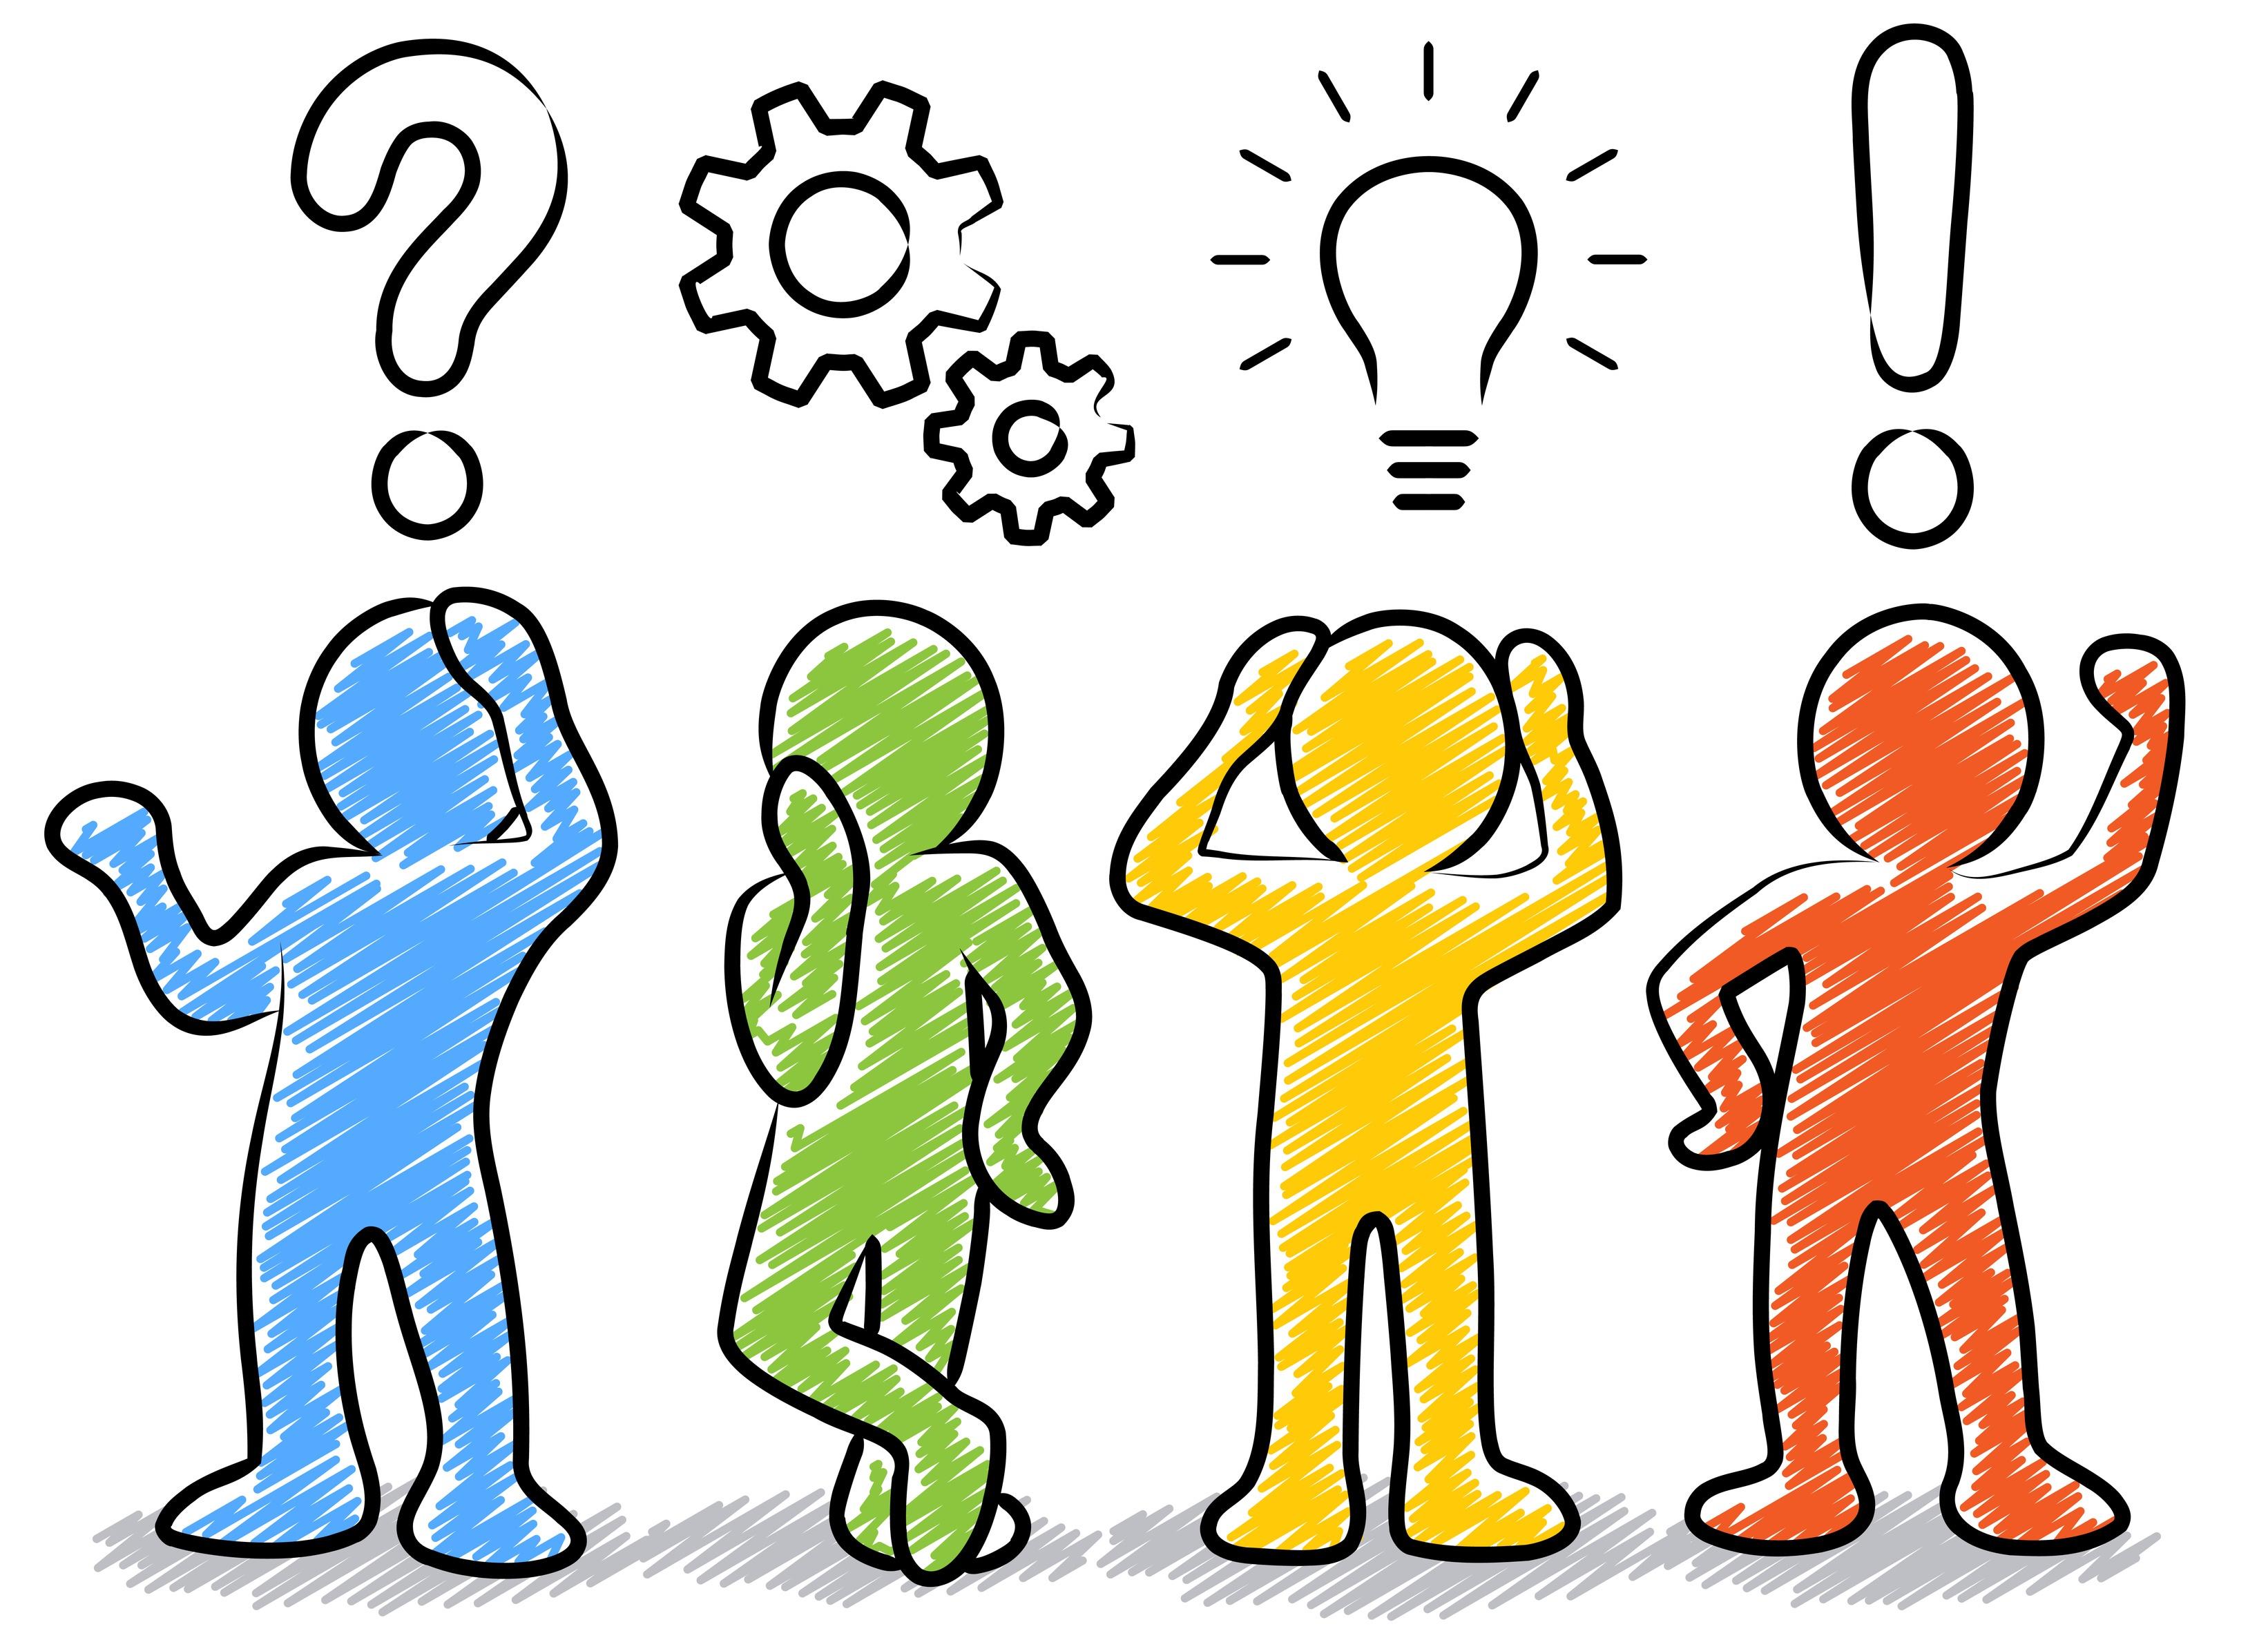 Planungskonzept, Strichmnnchen / Farbig, Bunt / Gezeichnet, Handgezeichnet, Zeichnung, Schraffiert / Design, Vektor, Freigestellt